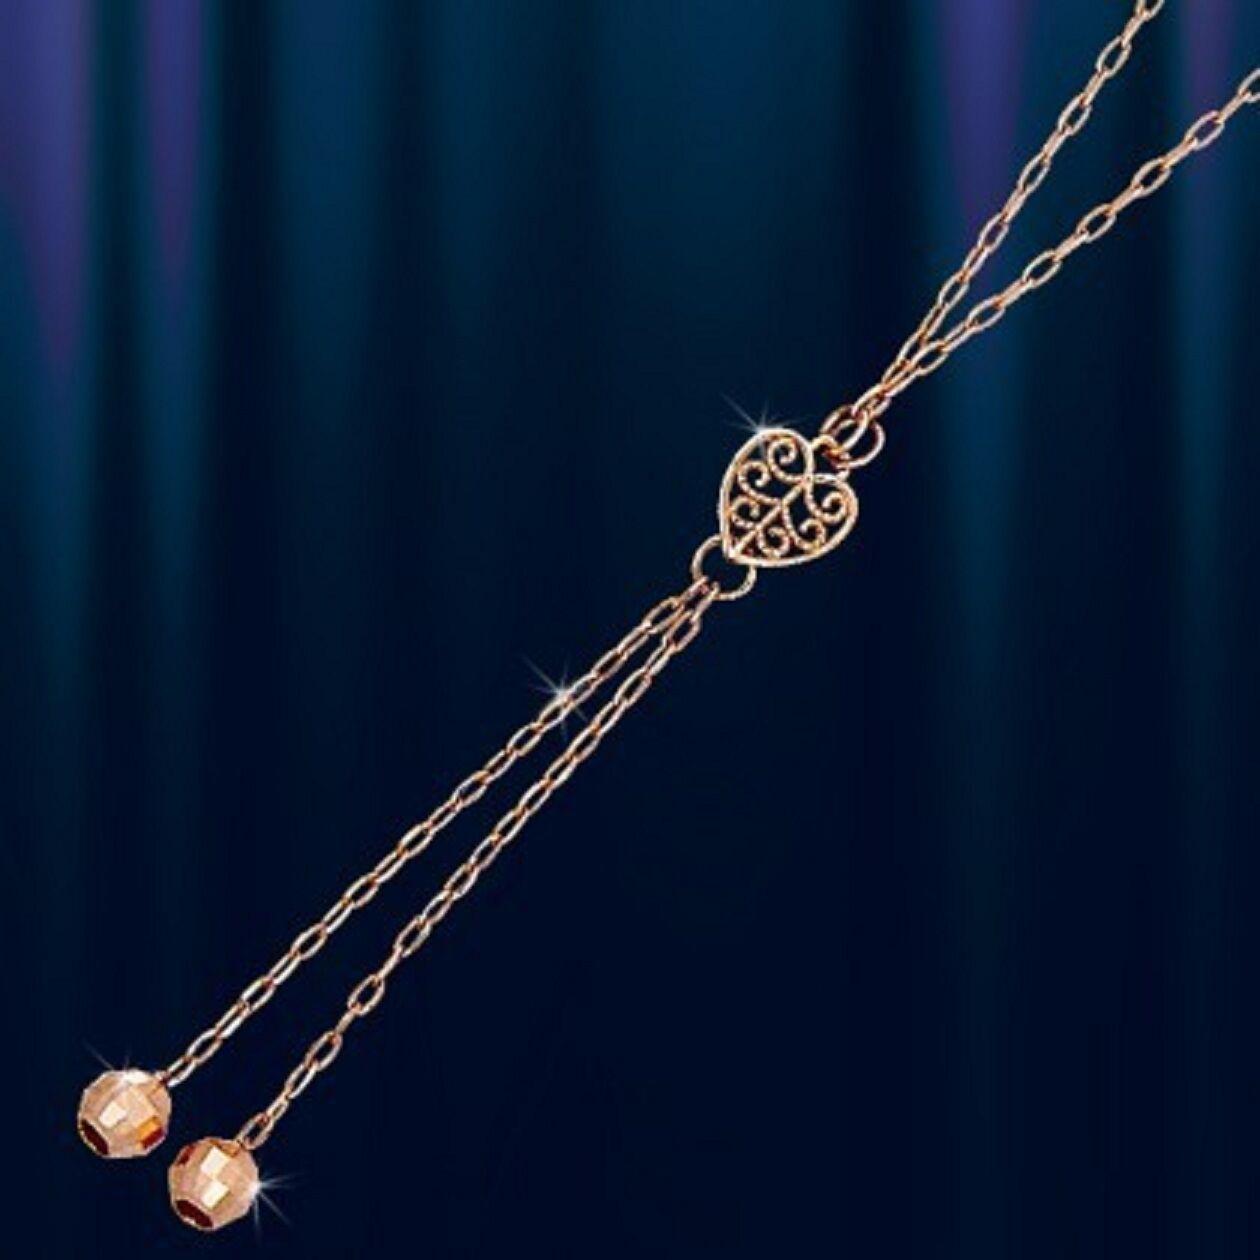 rosa russa rossooro 585 COLLANA COLLIER COLLIER COLLIER oro CATENA .14kt oro necklace 732cf7